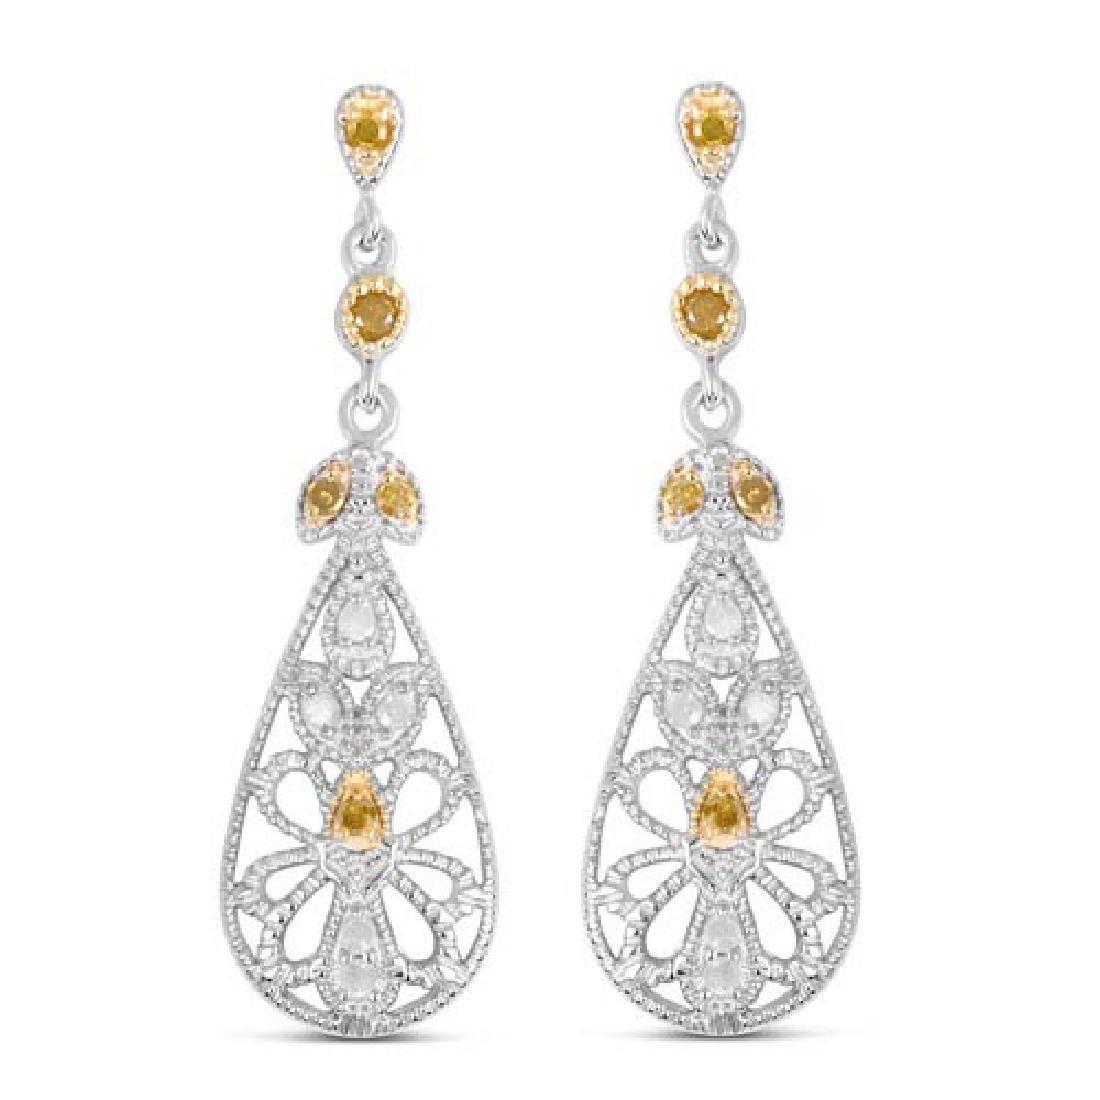 0.33 Carat Genuine White Diamond and Yellow Diamond .92